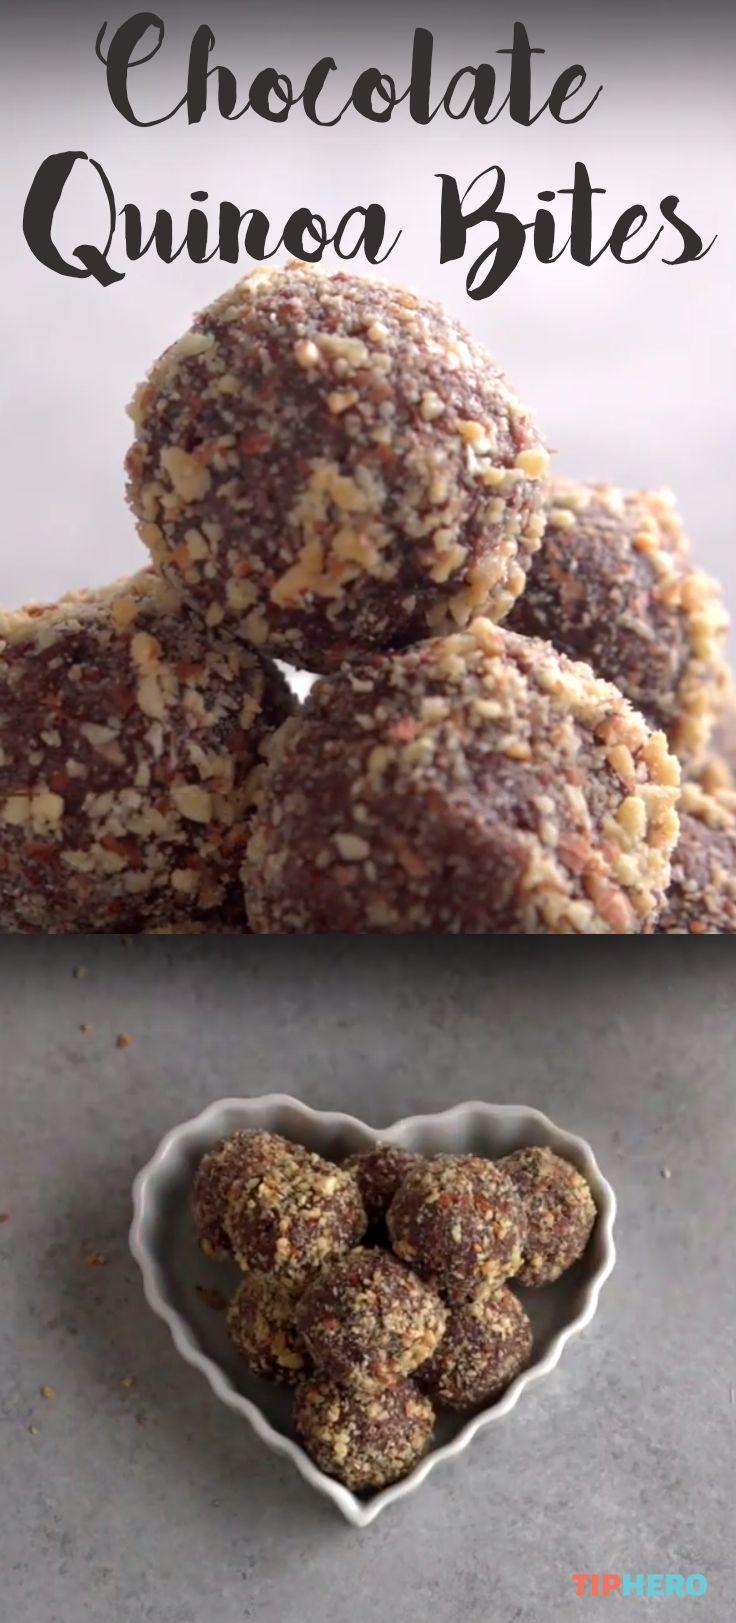 how to make good quinoa